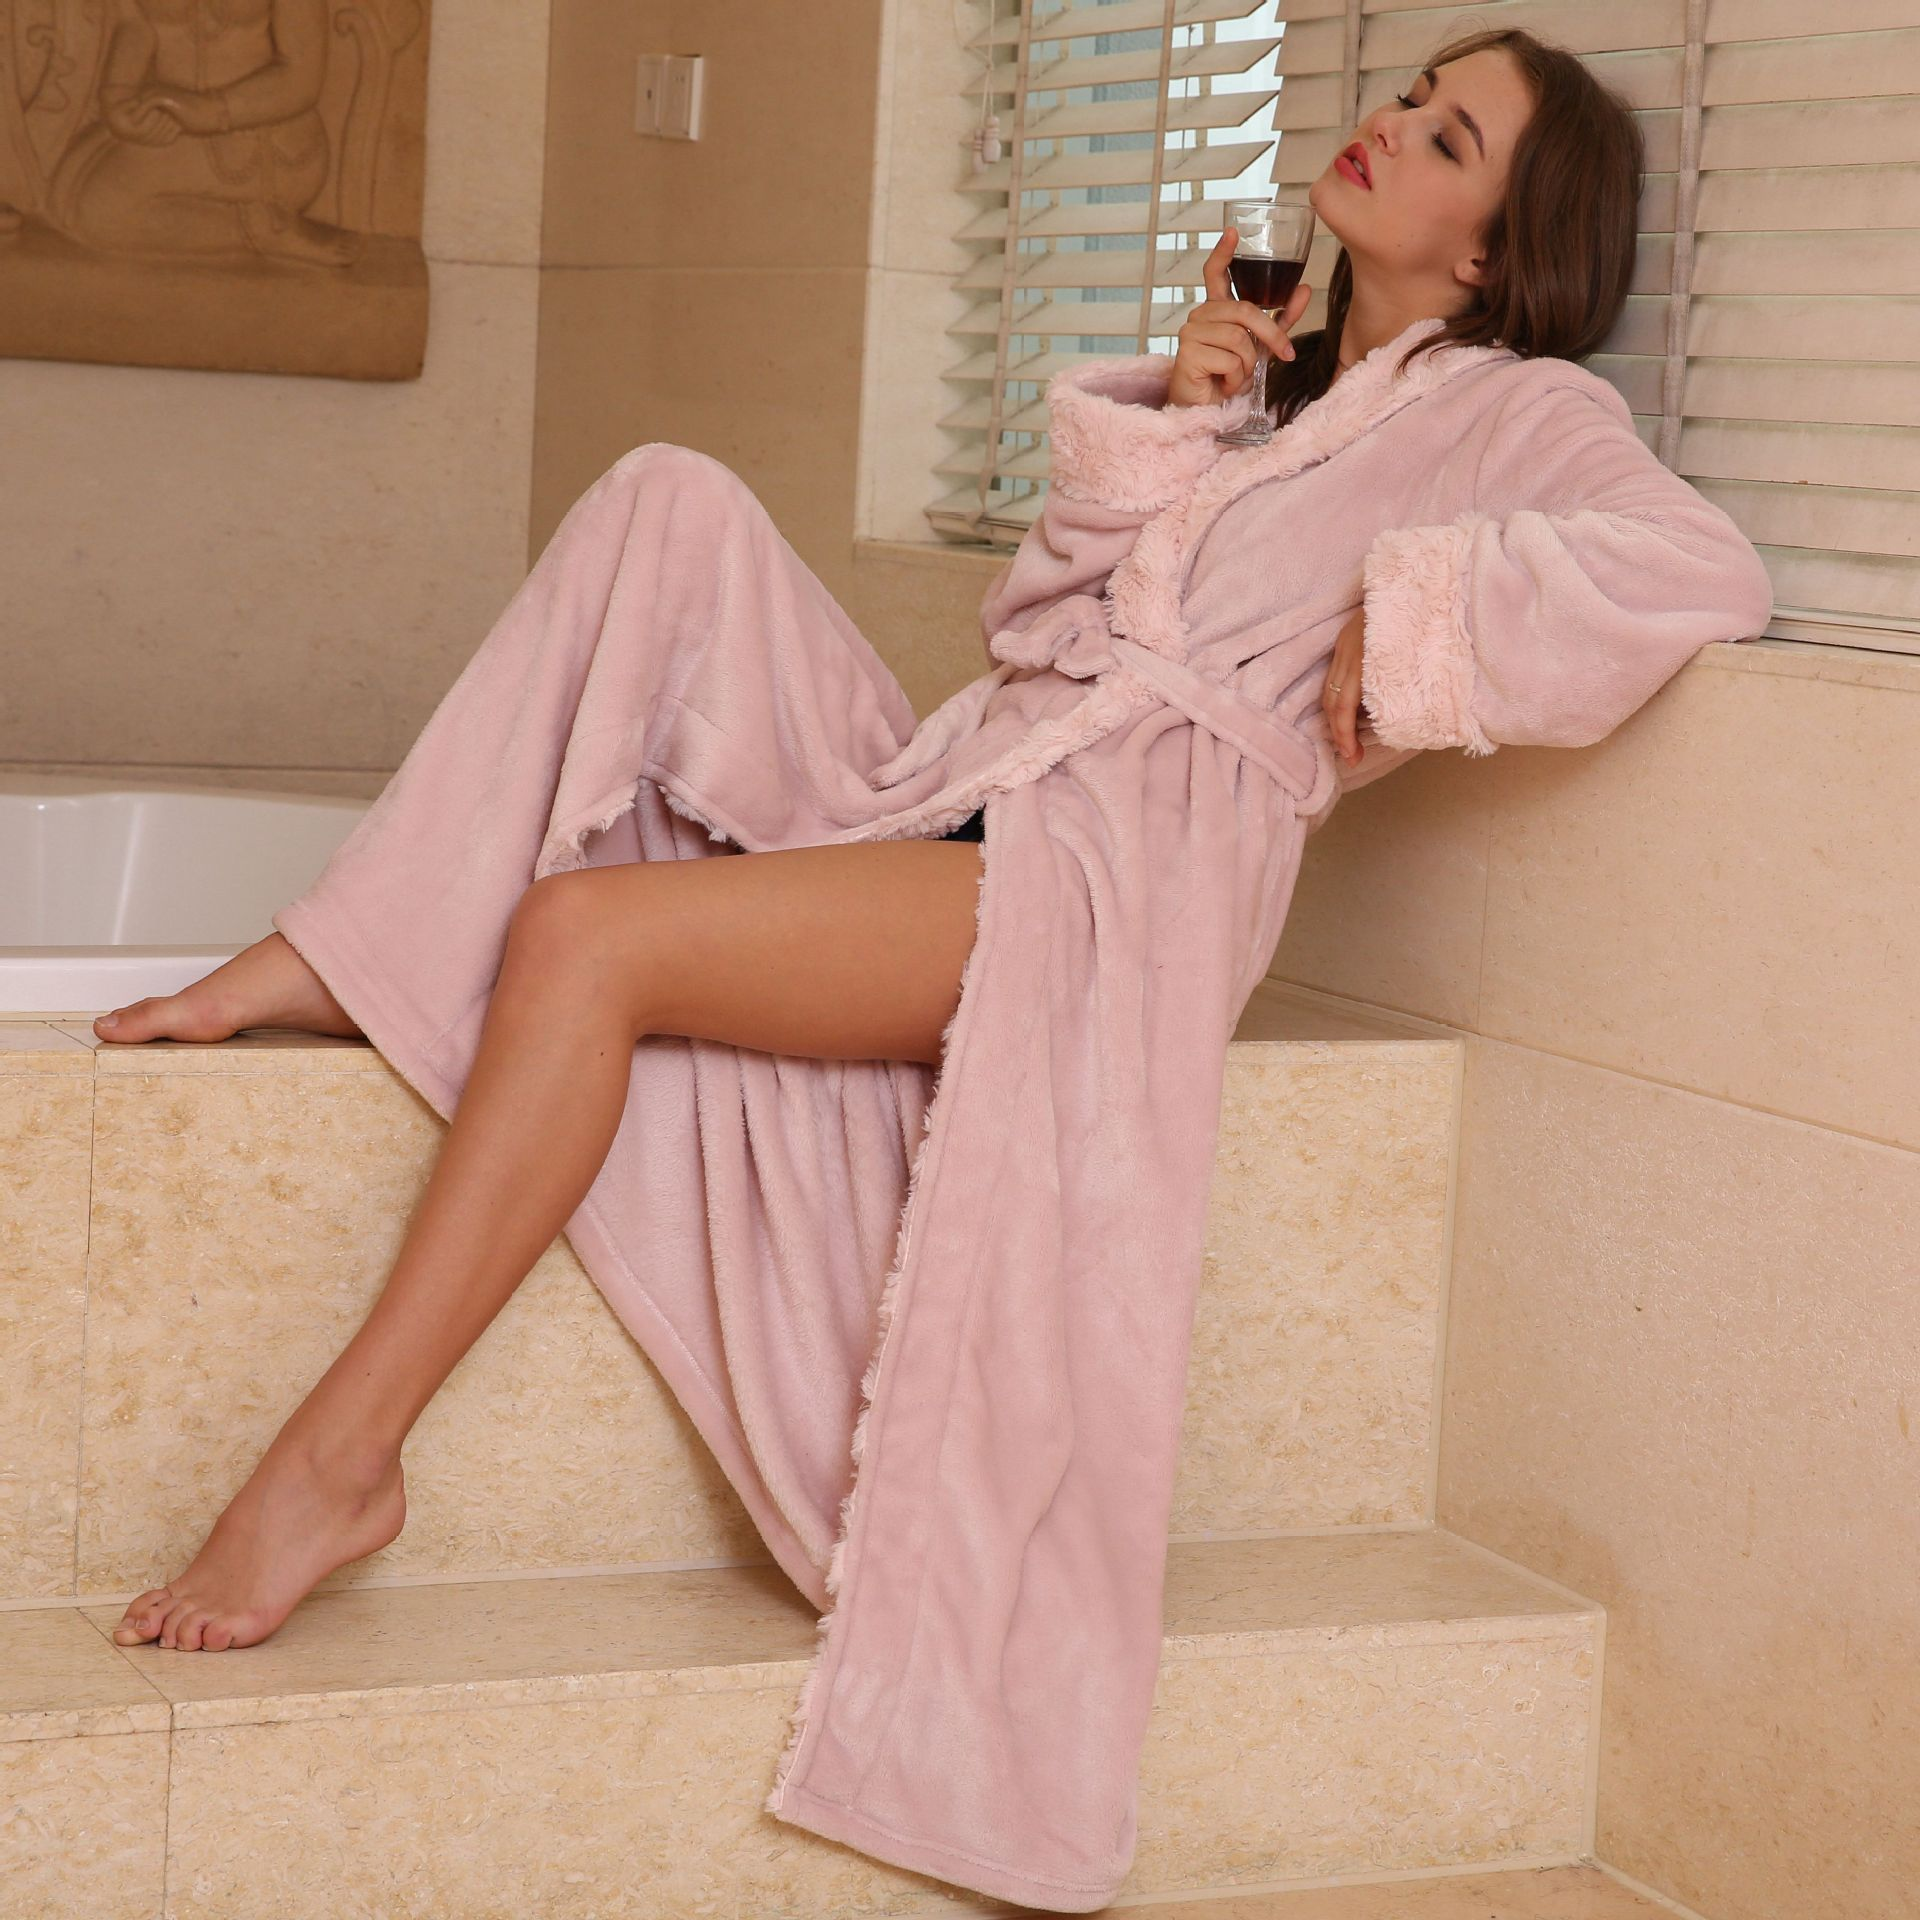 QWEEK Flanelle Femelle Robe Femmes Vêtements De Nuit Automne Hiver Peignoir Épais Home Wear Femmes Longue Robe Lingerie Chaud Éponge Douce Robe